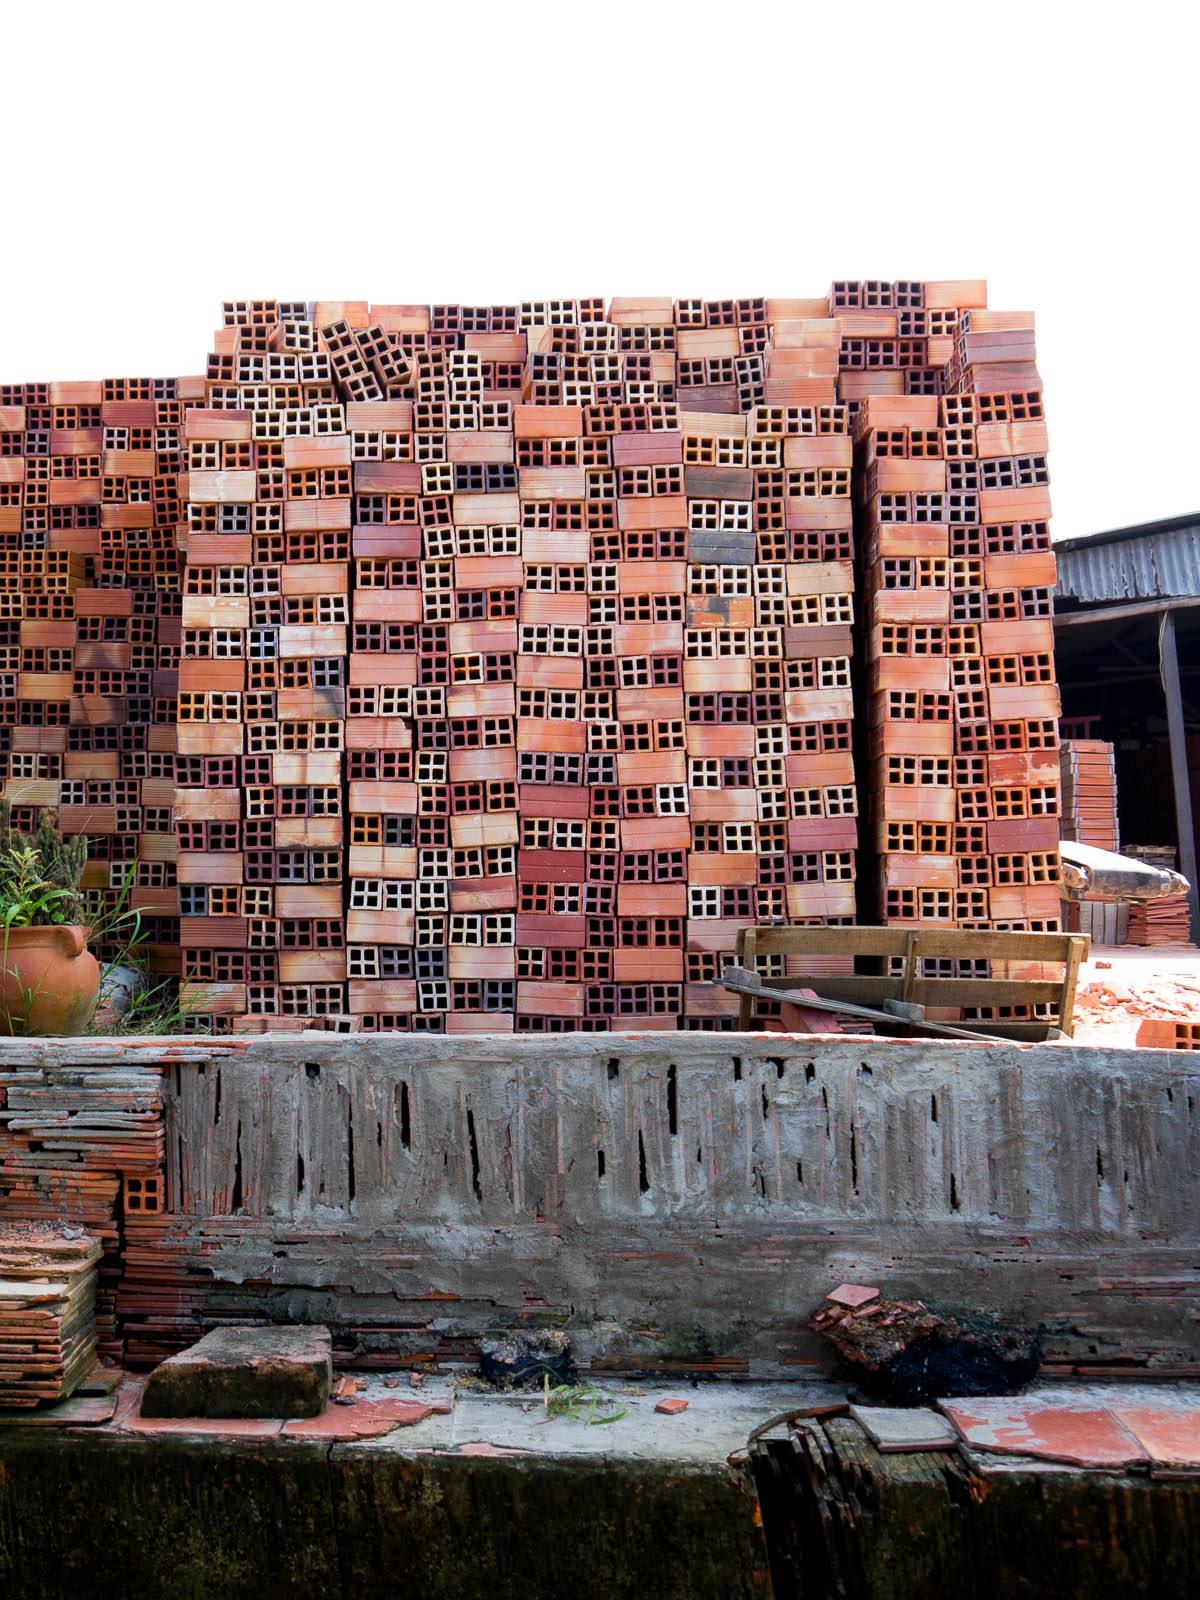 Piles of bricks at the brick factory in Sa Dec.